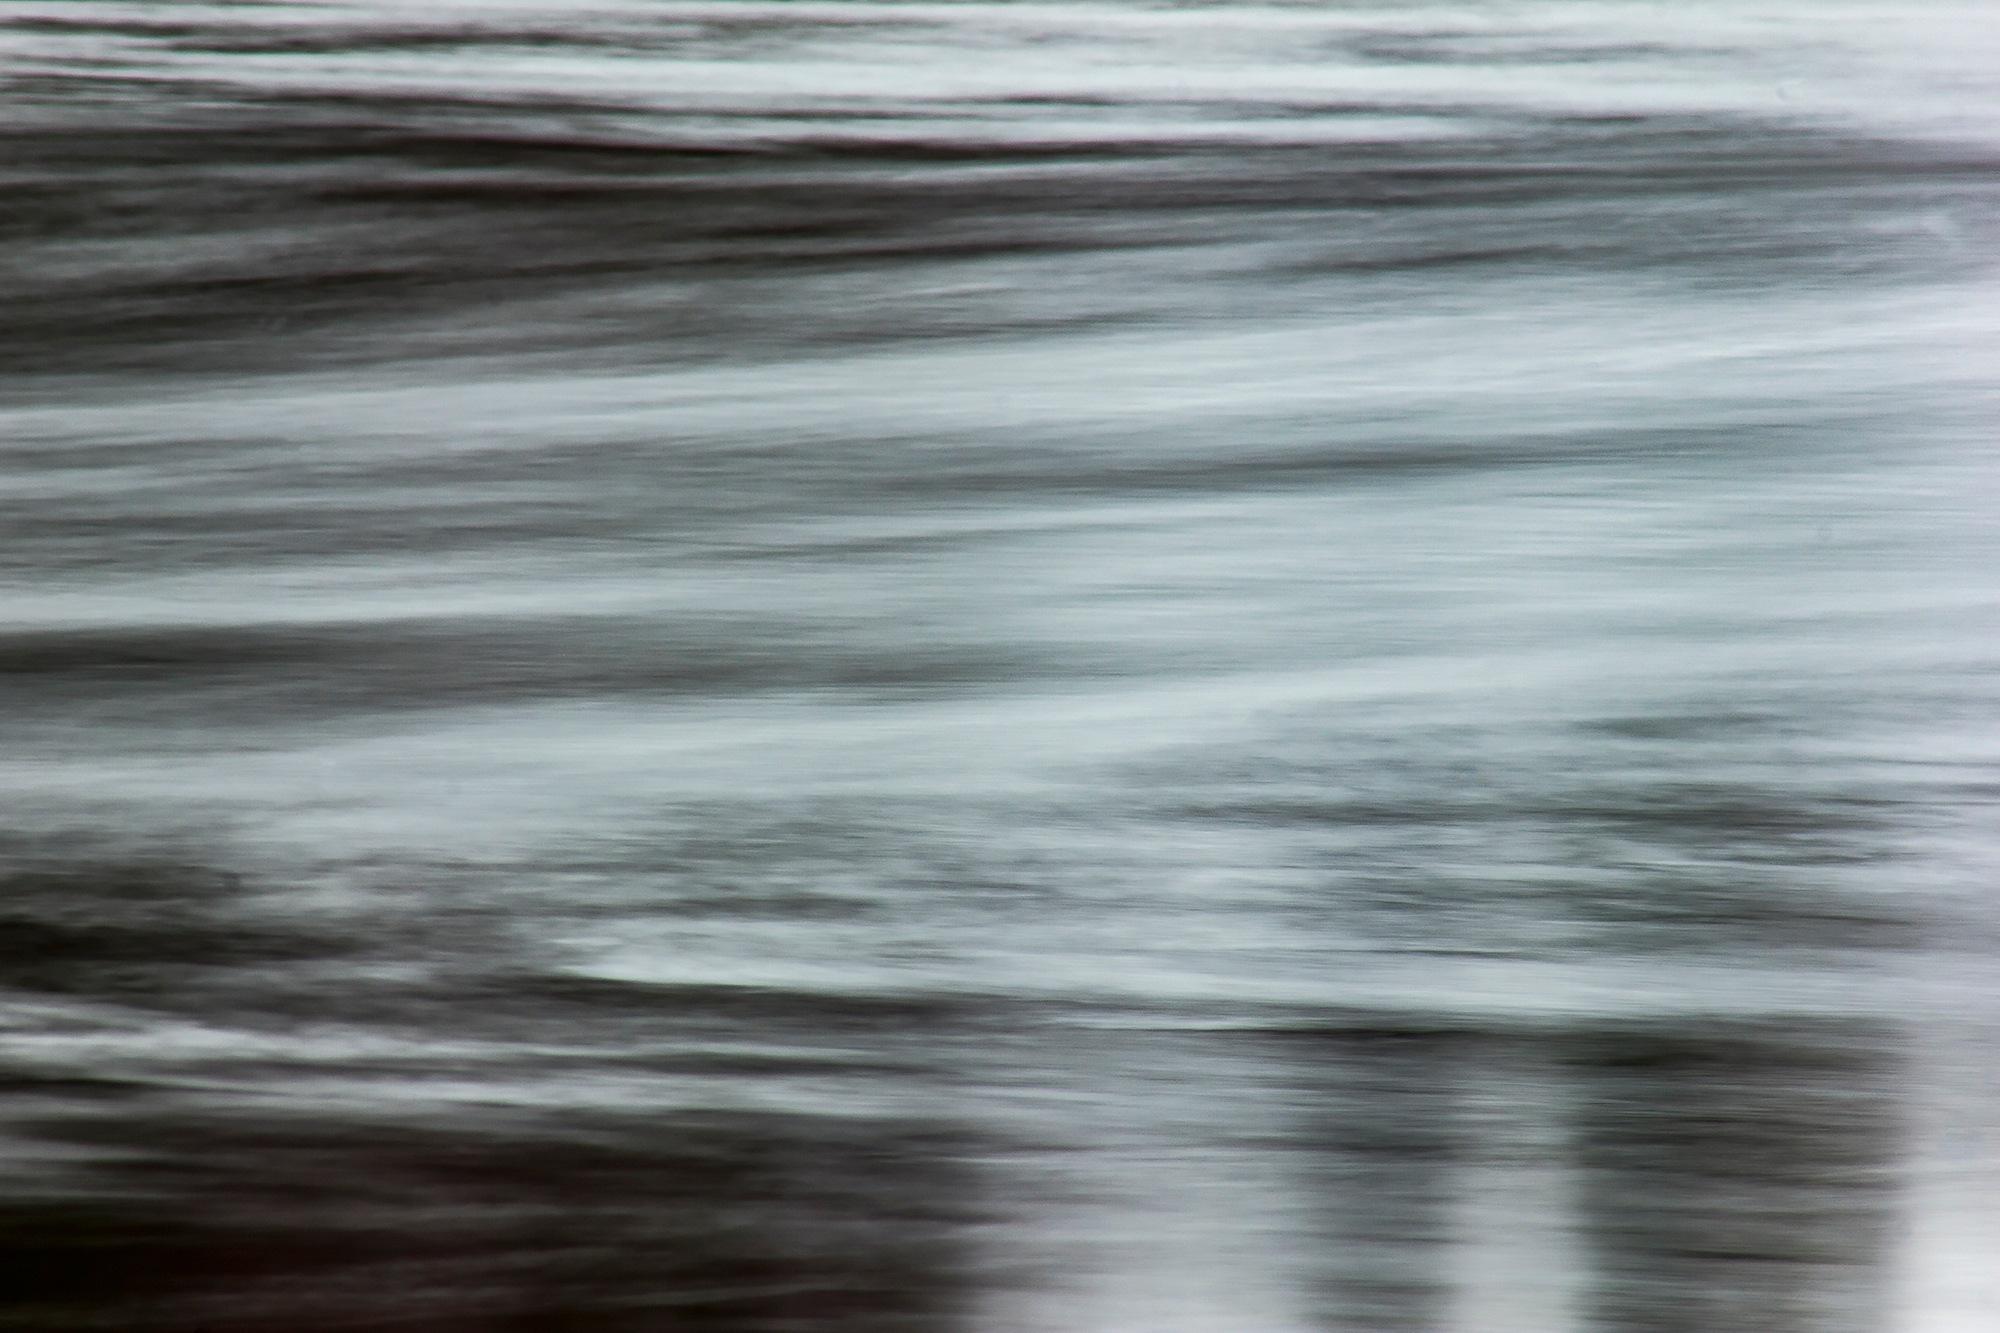 Water by Domas Rakauskas